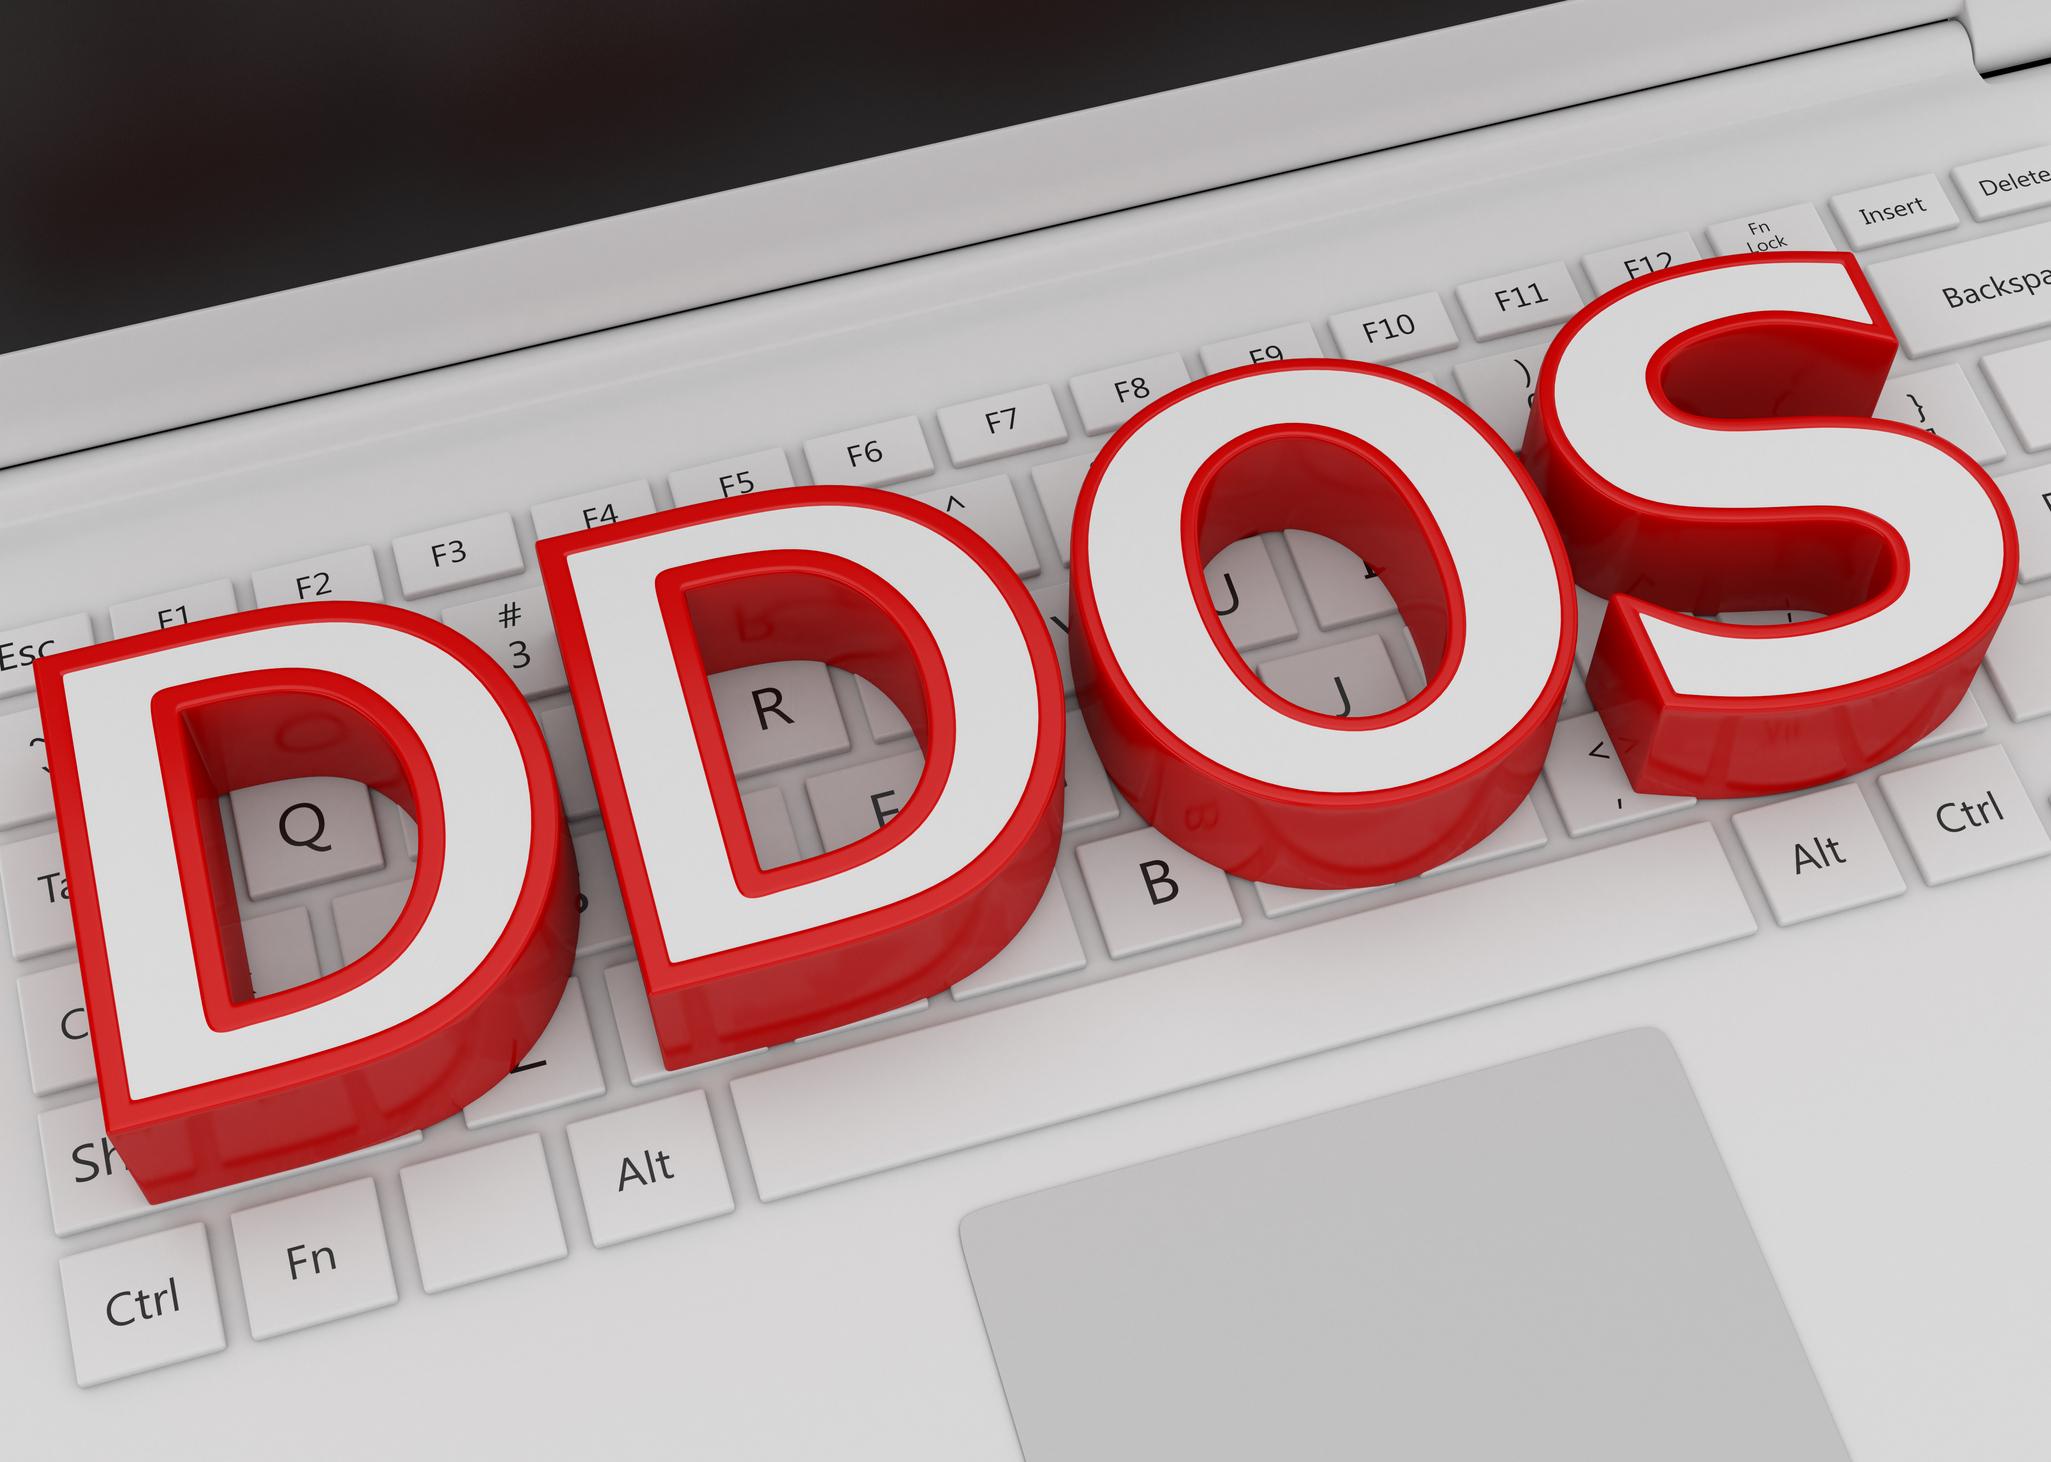 حملات DDOS به بلاگفا و مختل شدن دسترسی کاربران